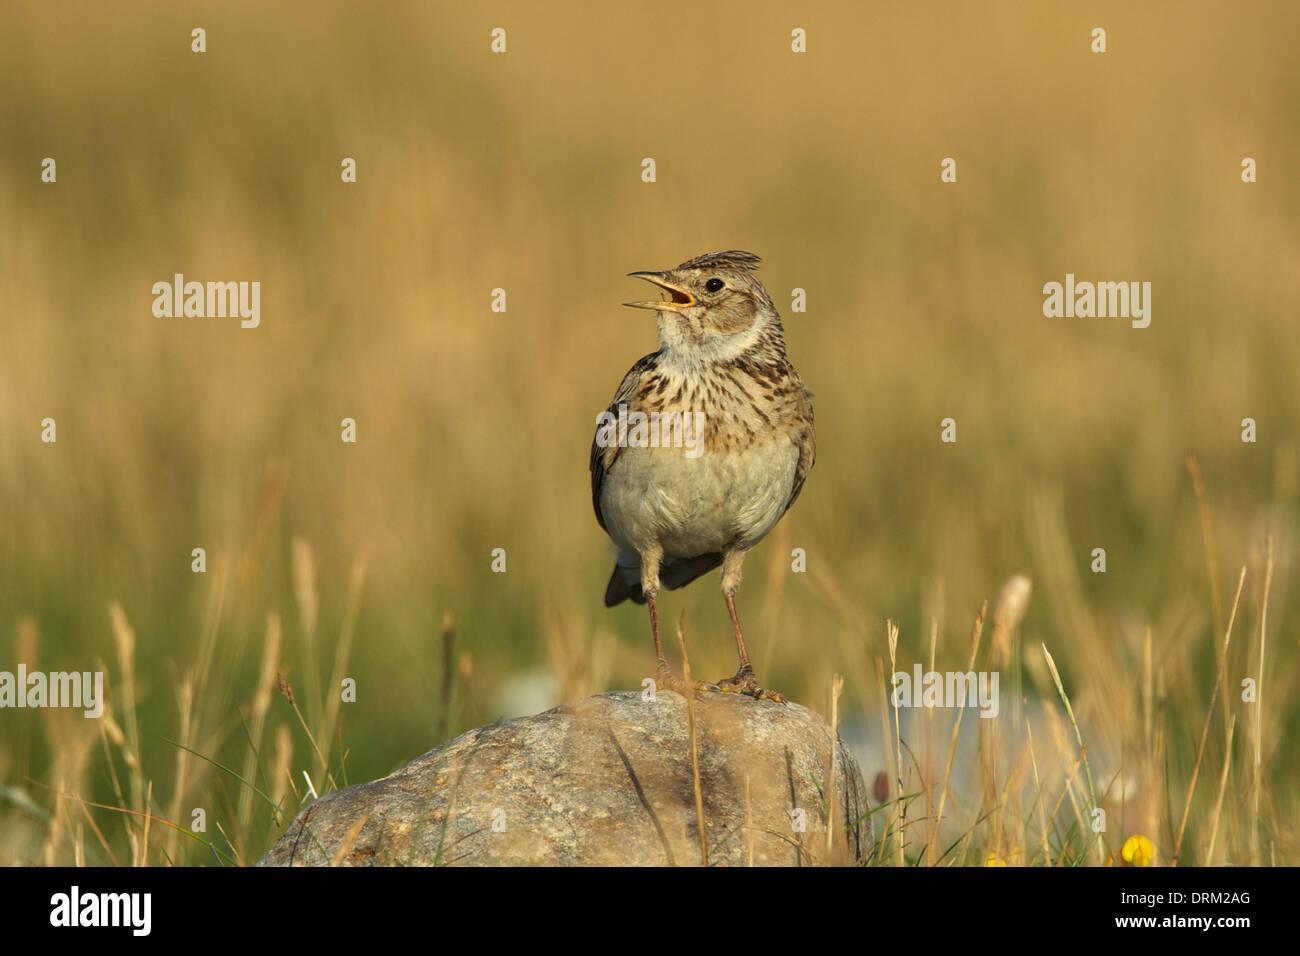 Skylark singing ©Jake Stephen Photography. - Stock Image